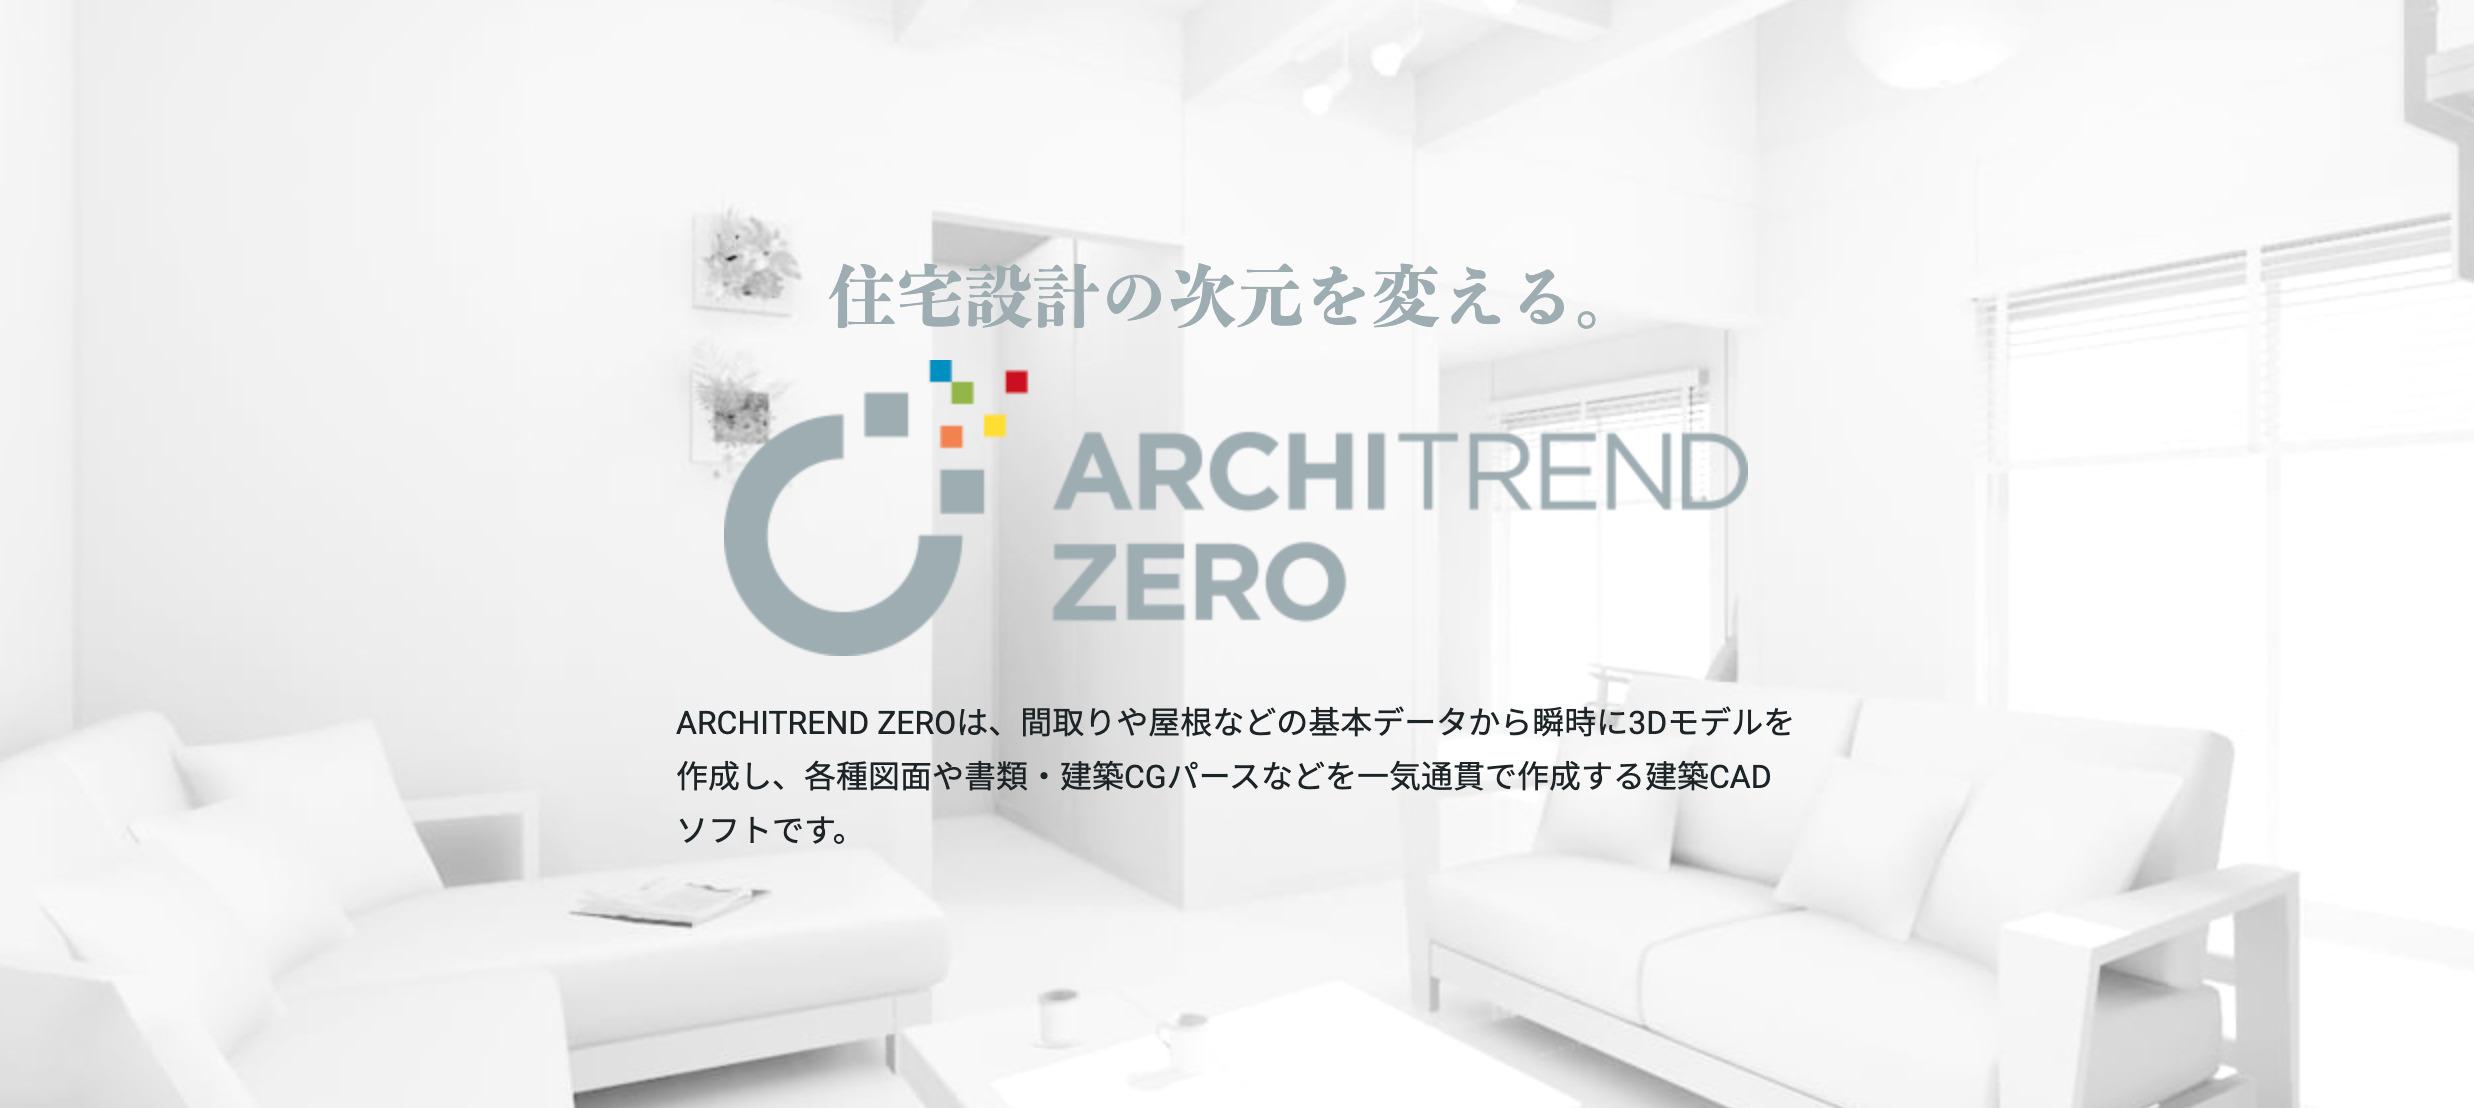 ARCHITREND ZEROとは?